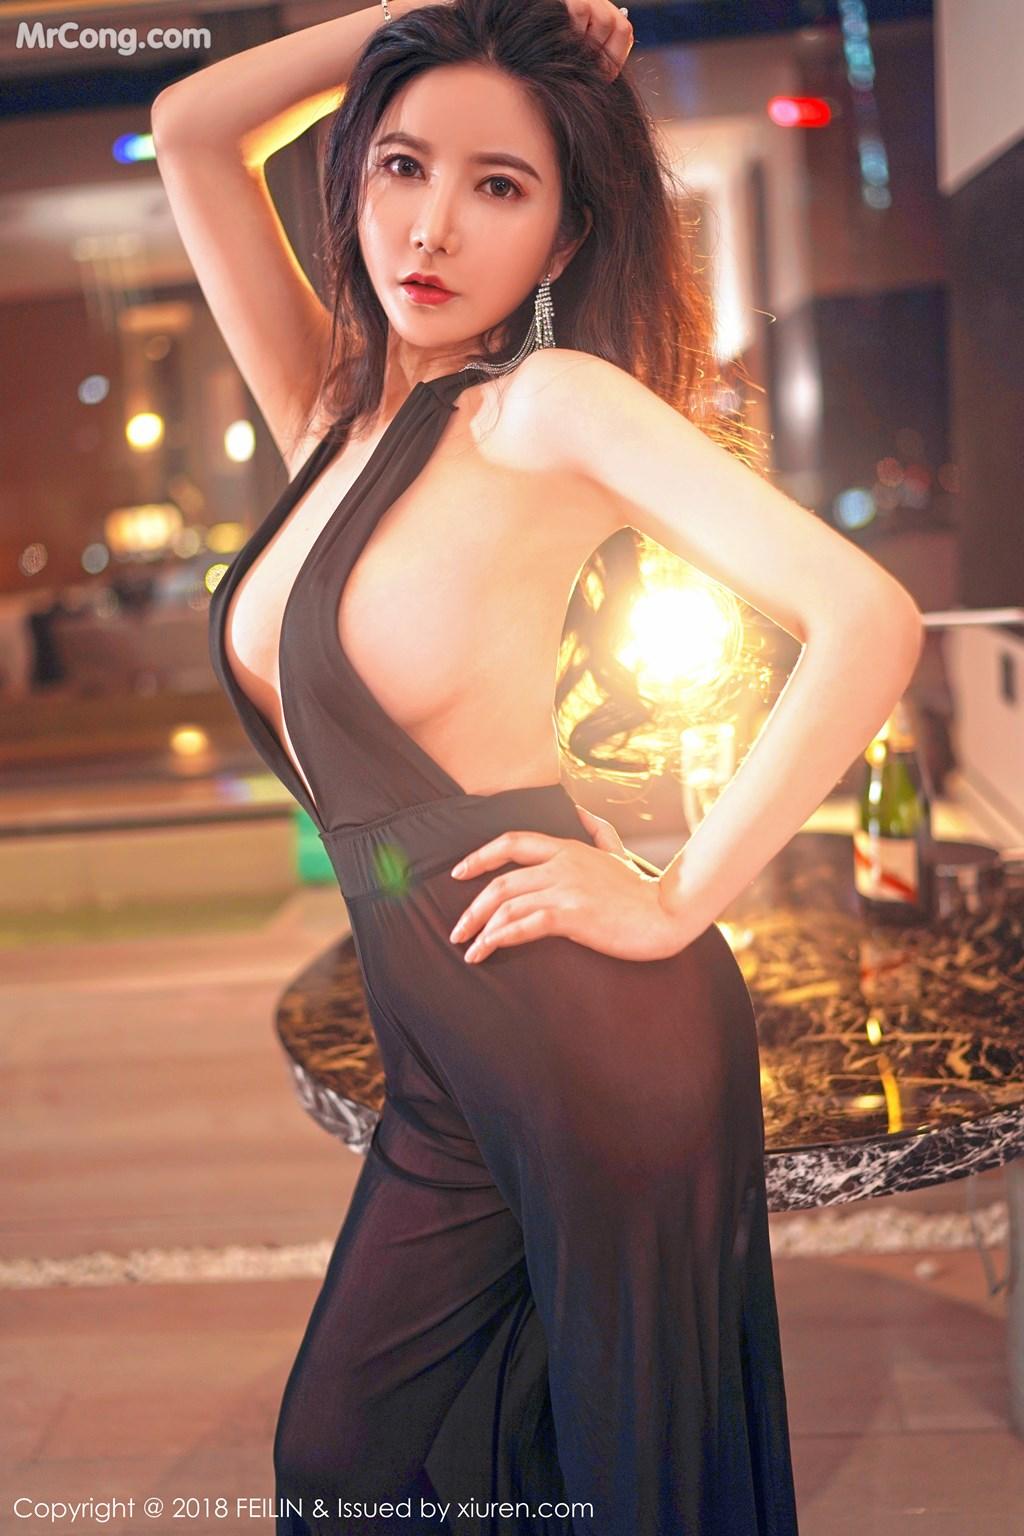 Image FEILIN-Vol.130-Xin-Yan-Gong-Zhu-MrCong.com-009 in post FEILIN Vol.130: Người mẫu Xin Yan Gong Zhu (心妍公主) (39 ảnh)